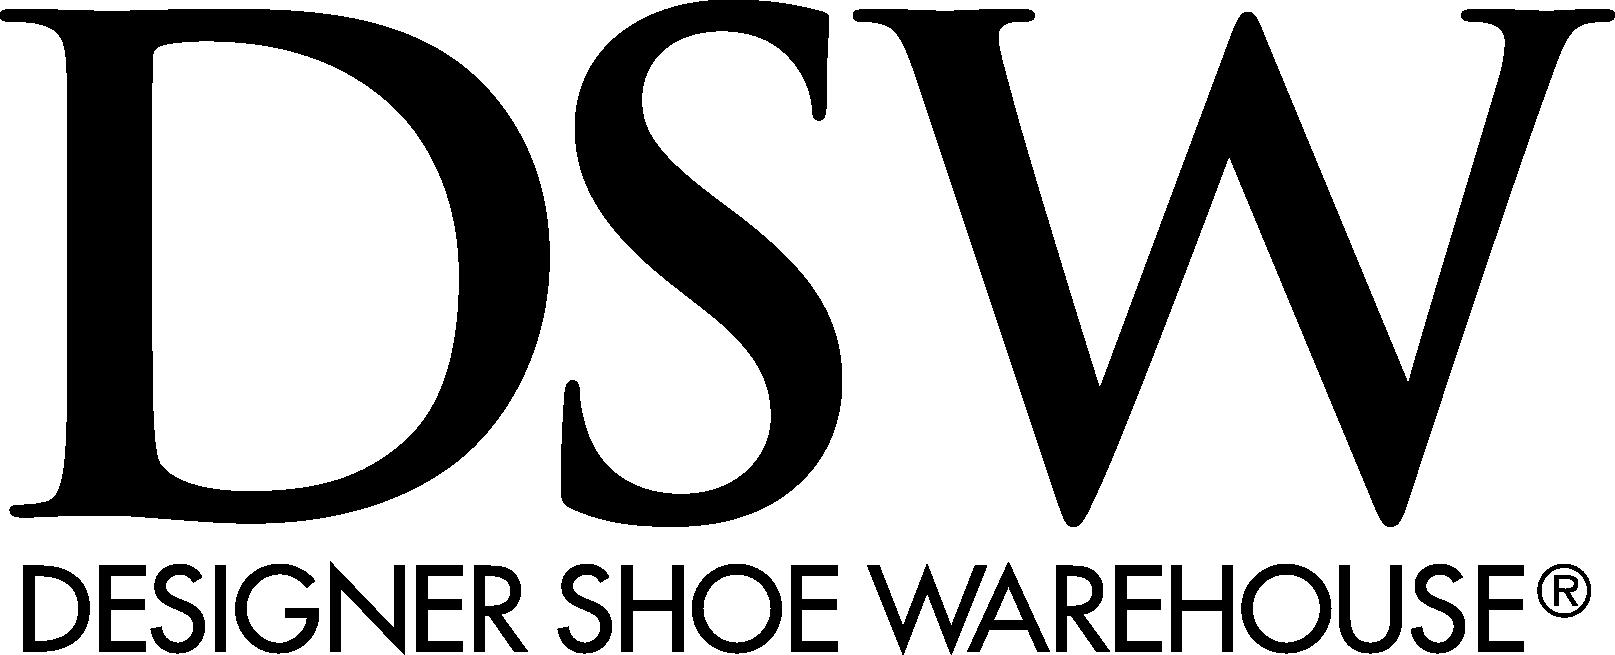 Designer_Shoe_Warehouse_LOGO_white.png